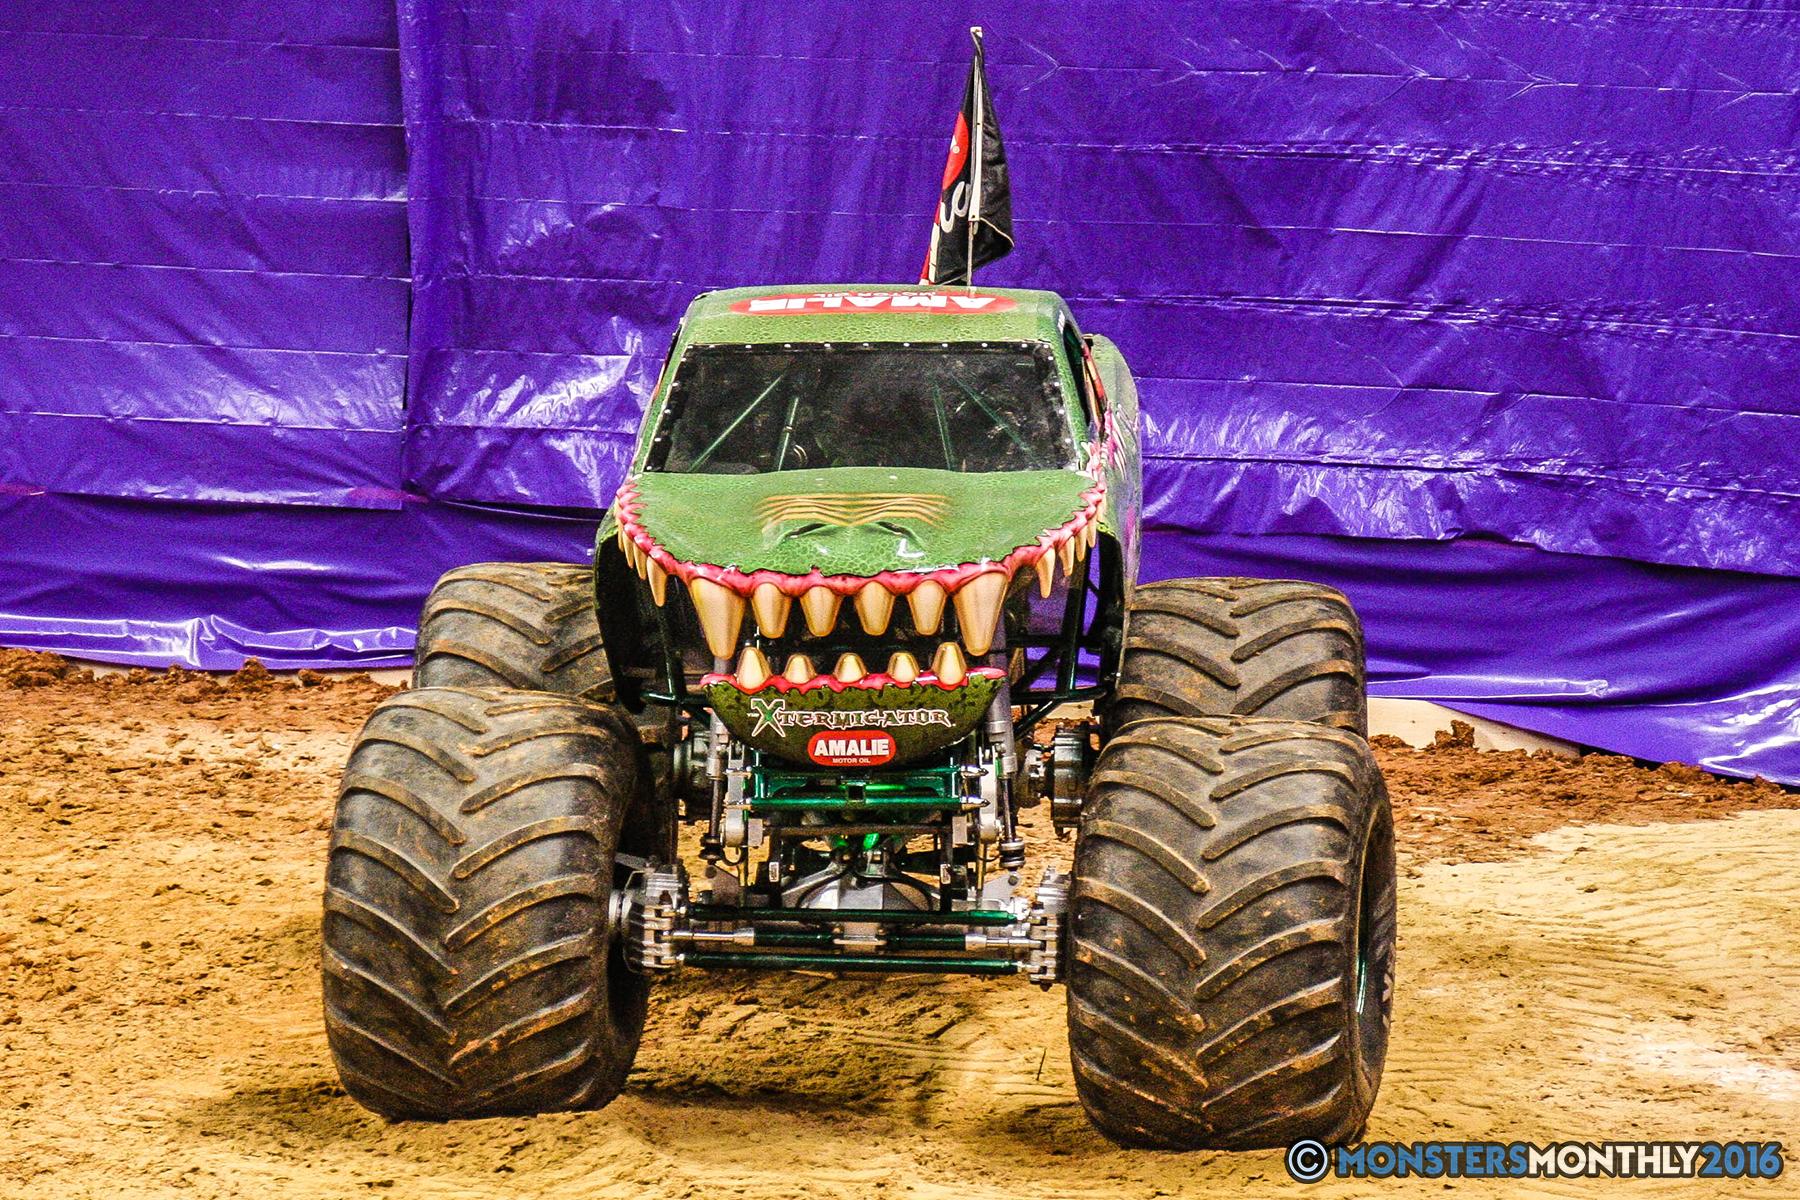 24-monster-jam-utc-mckenzie-arena-chattanooga-tennessee-monstersmonthly-monster-truck-race-gravedigger-monstermutt-xtermigator-razin-kane-doomsday-captainscurse-2016.jpg